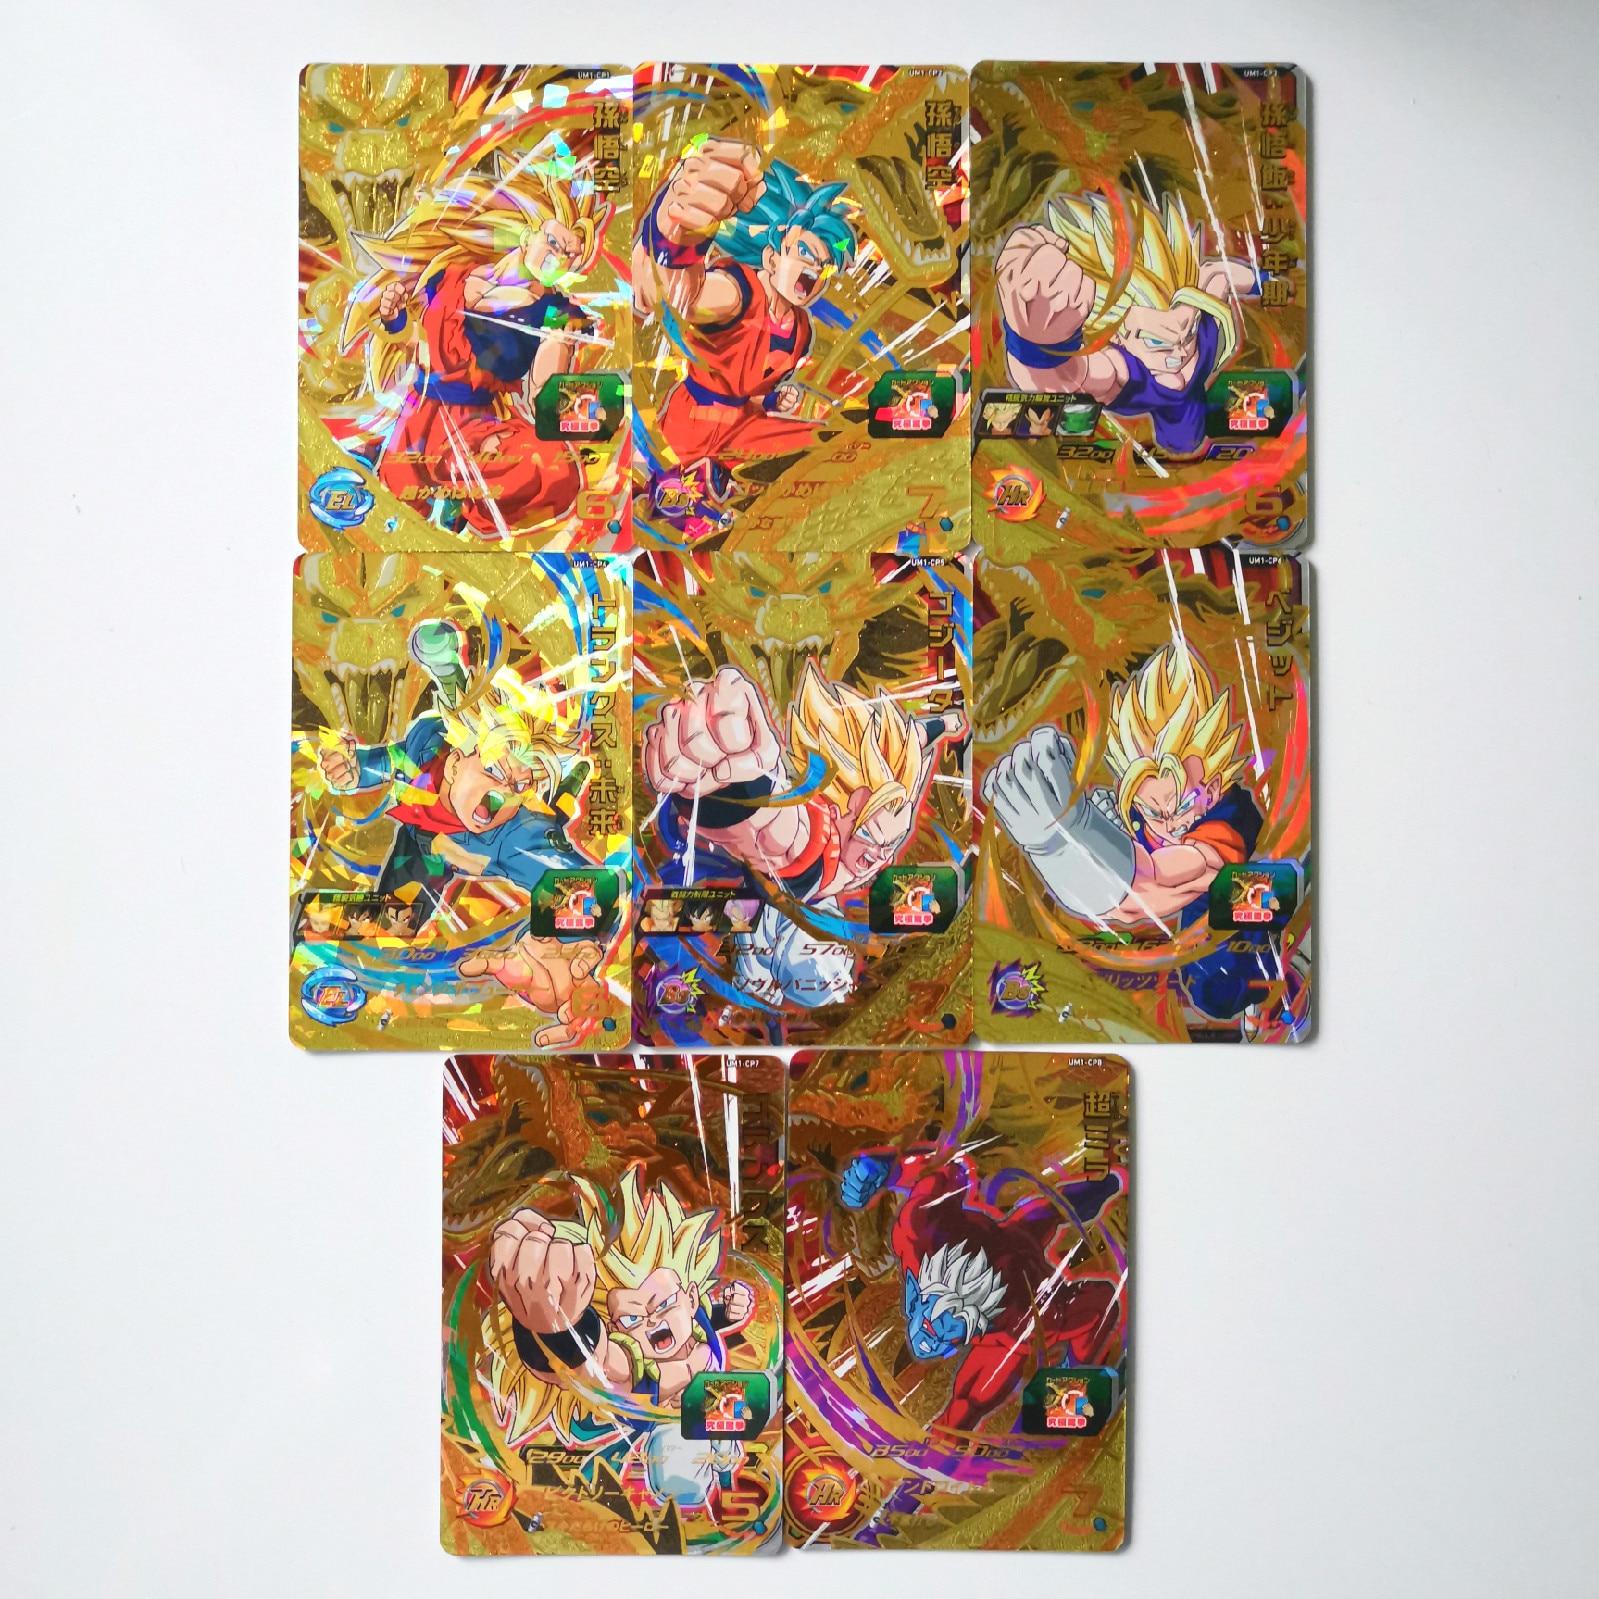 Japan Original Dragon Ball Hero Card UM1 Gogeta God Super Saiyan Goku Toys Hobbies Collectibles Game Collection Anime Cards